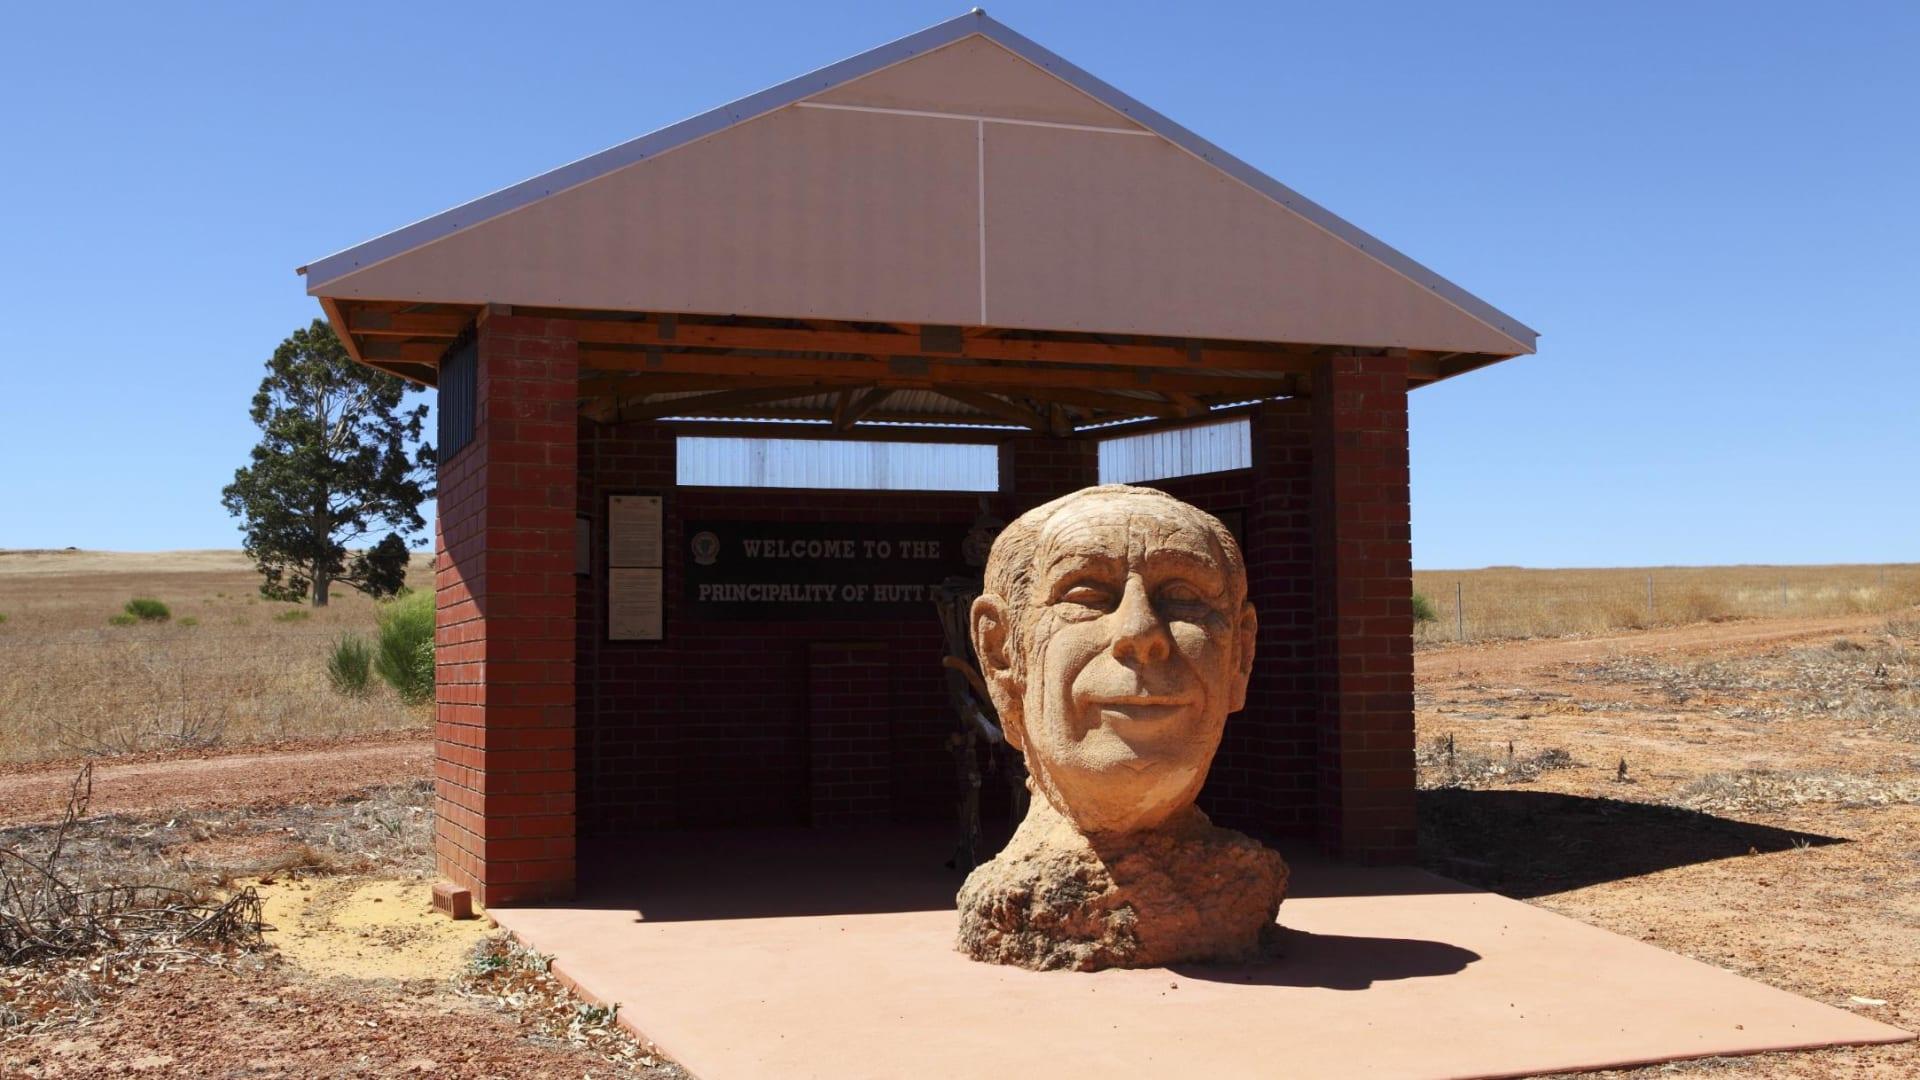 بسبب فيروس كورونا.. أقدم دولة مجهرية في أستراليا تختفي